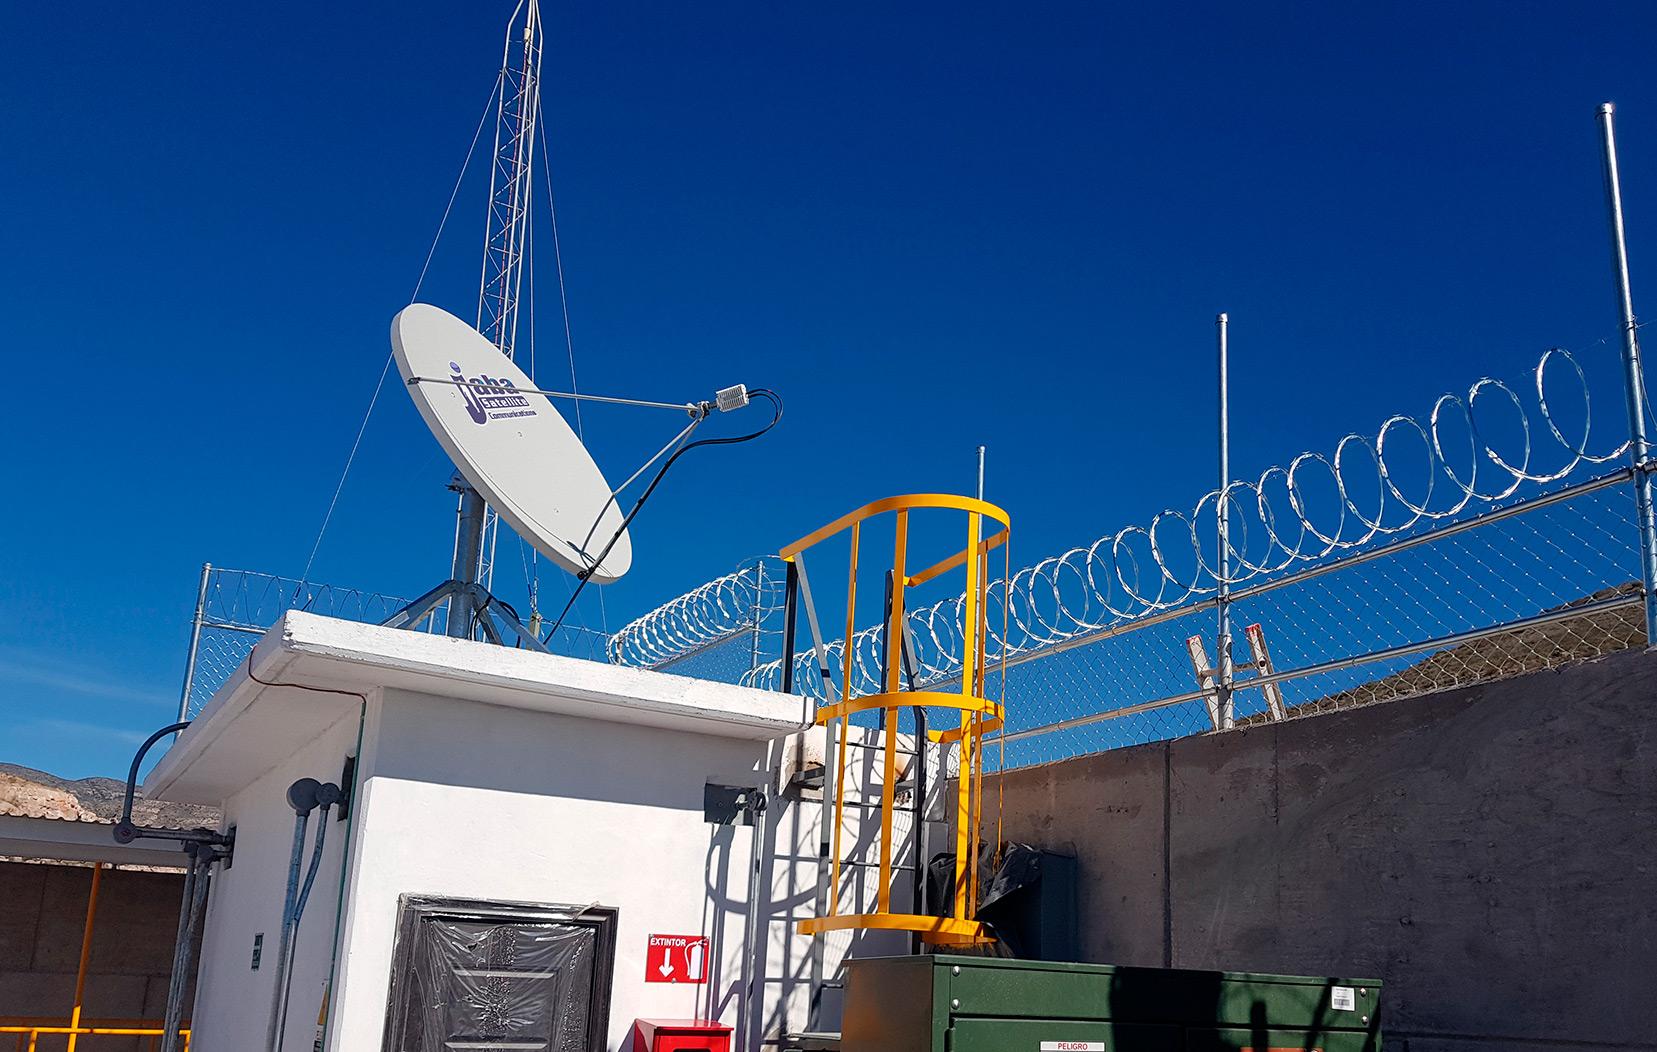 JabaSat internet satelital VSAT 3